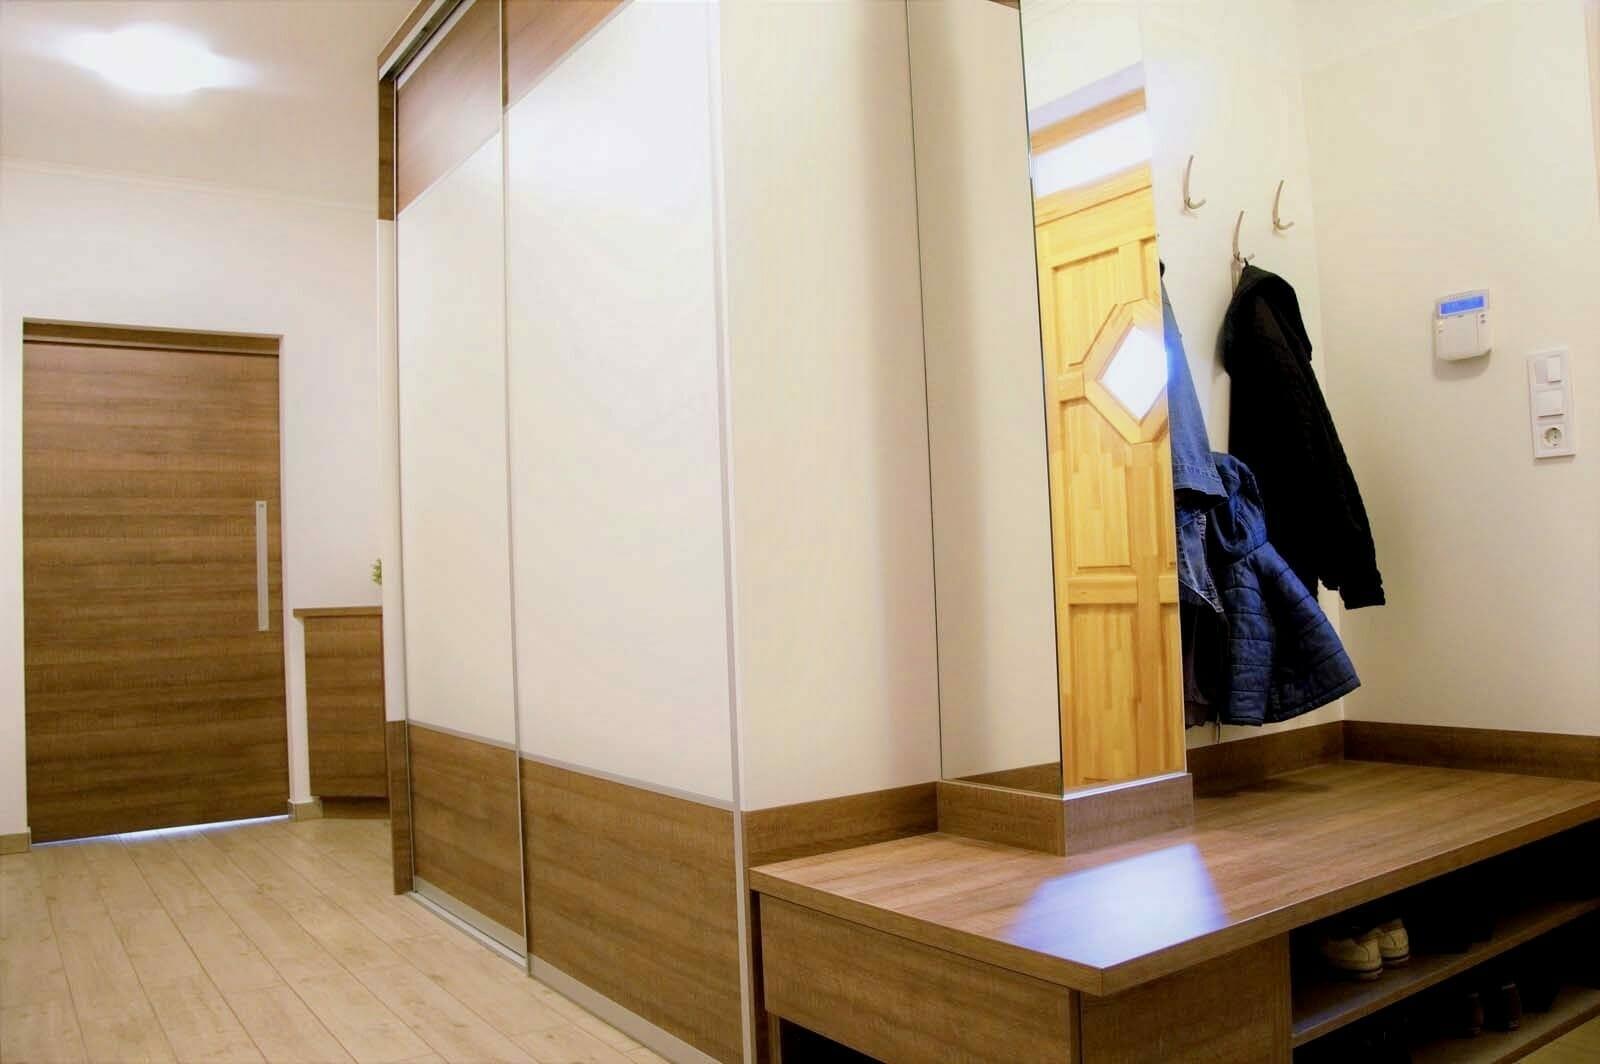 Egyedi előszoba bútor tolóajtós beépített szekrénnyel, nyitott polcos cipősrésszel, fali akasztós elemekkel, tükörrel, színbe megeggyező térelválasztó tolóajtós, duplungolt ülöfelülettel